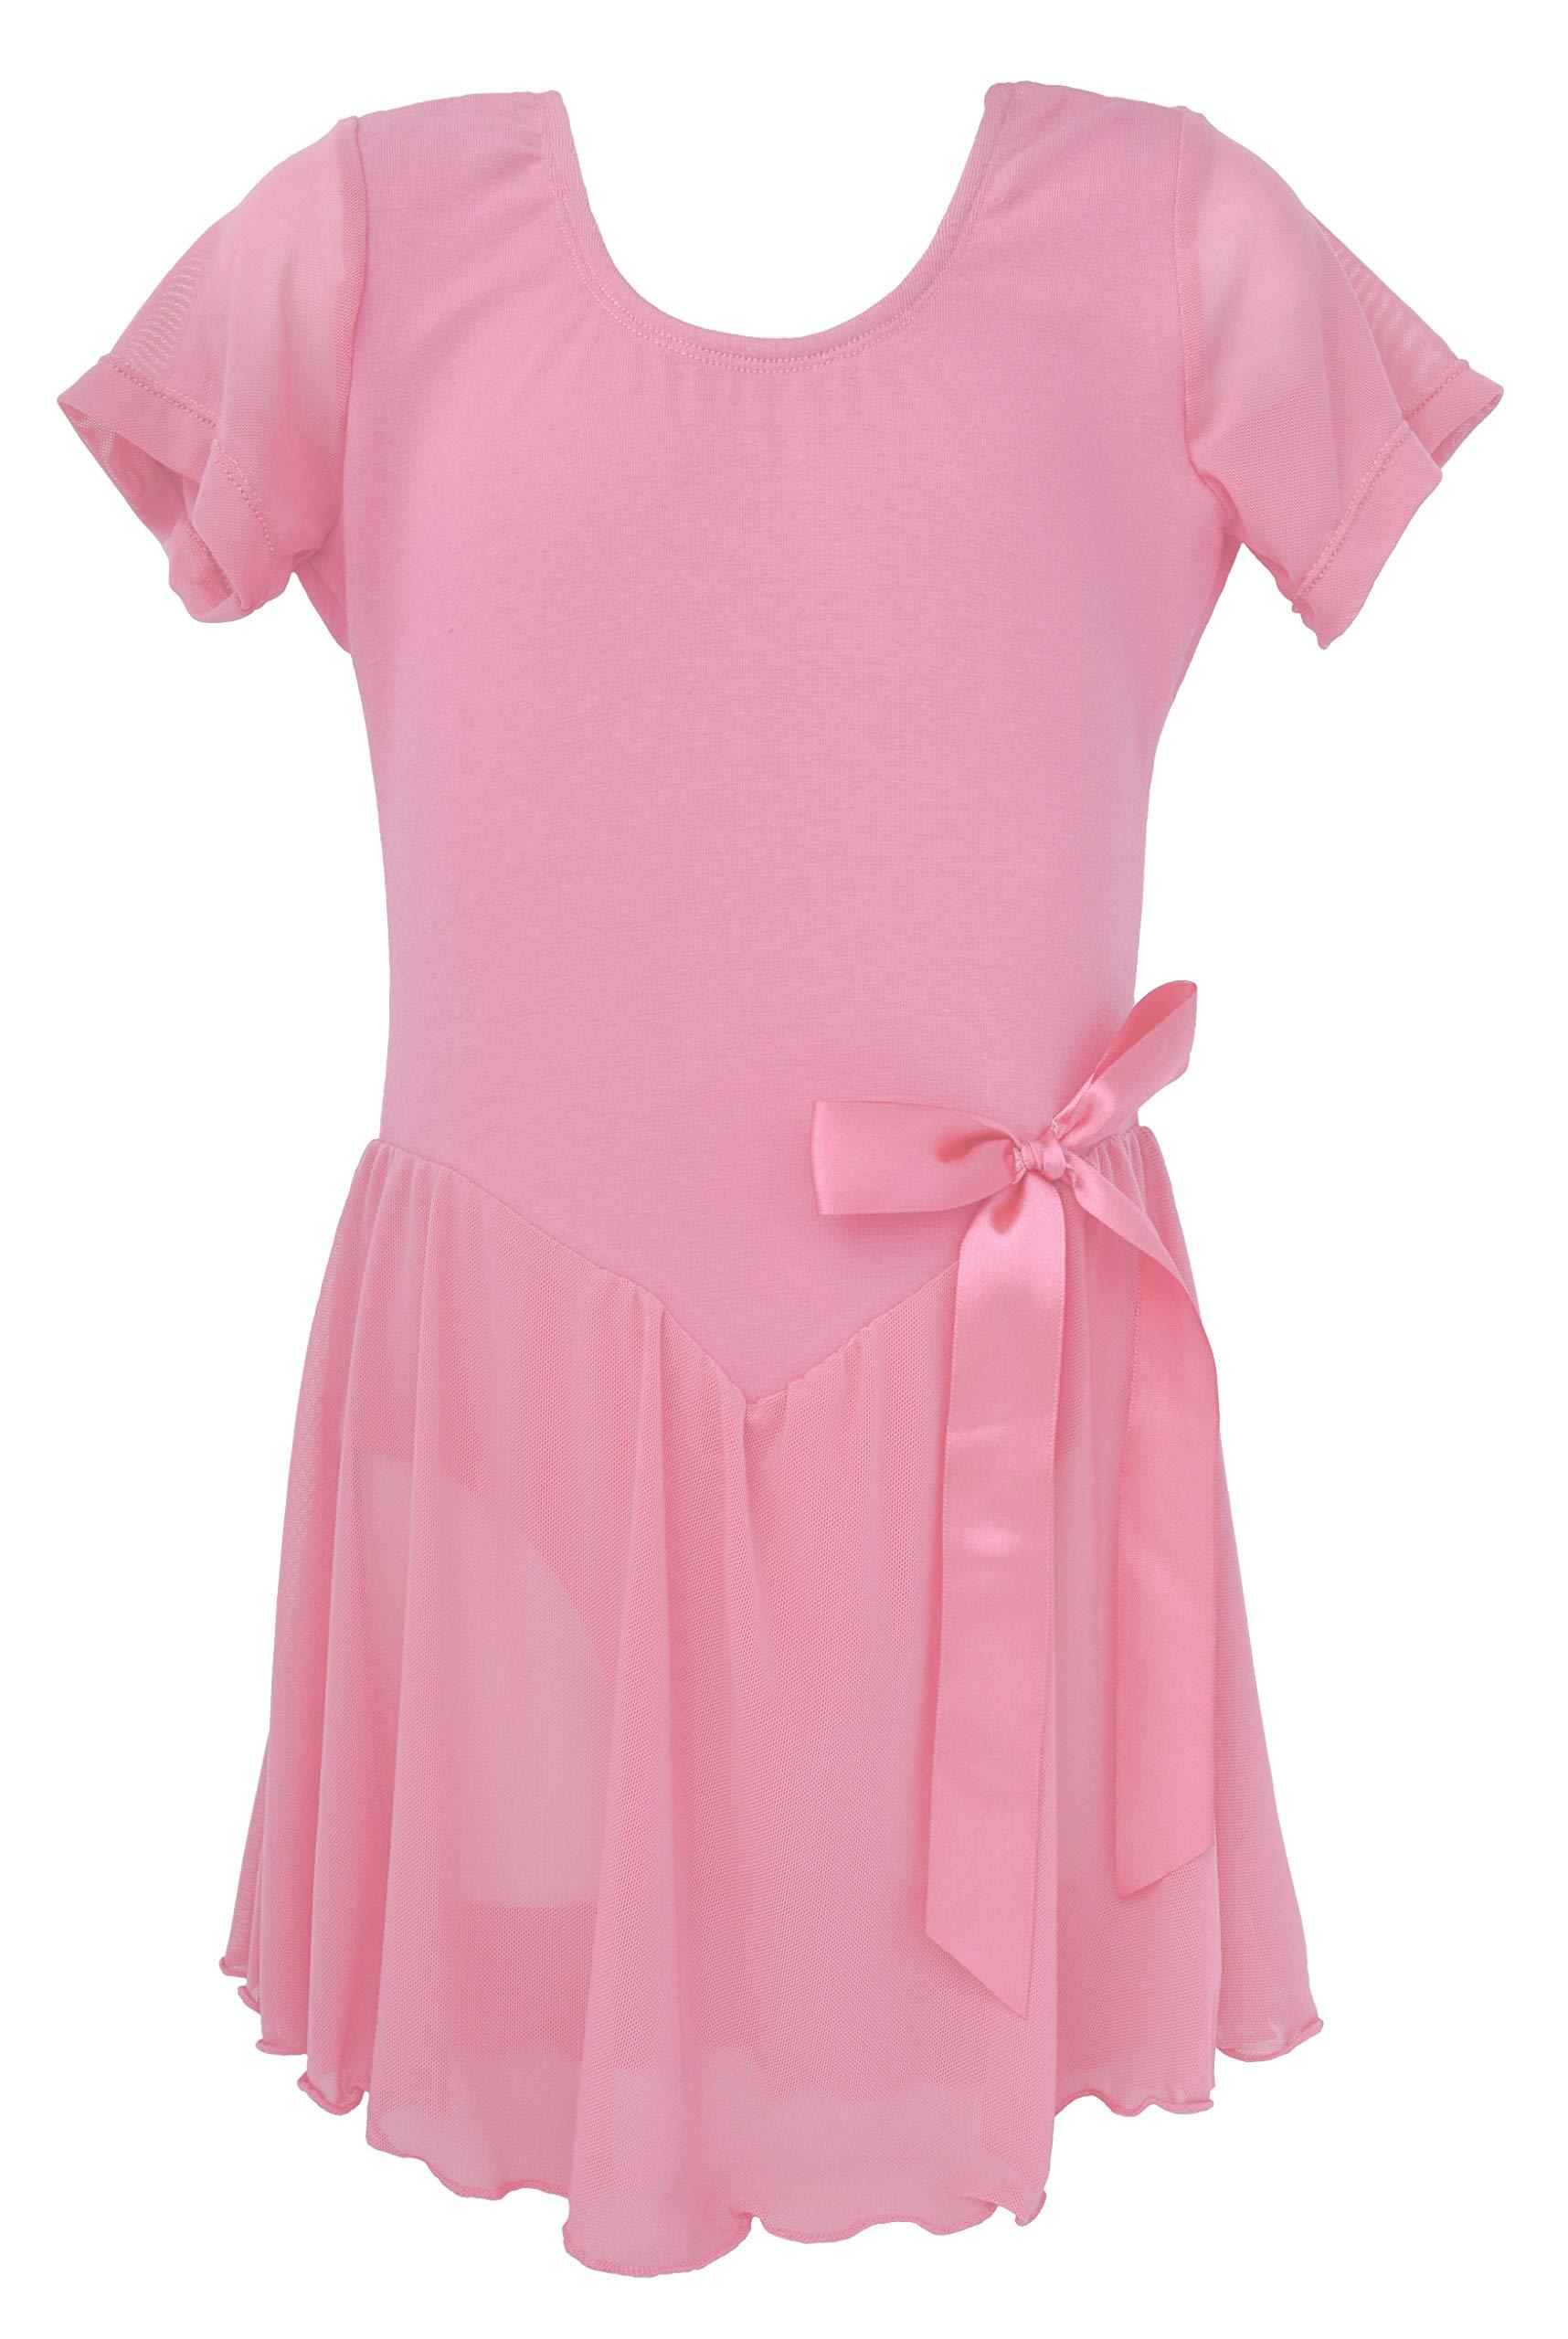 Dancina Toddler Leotard Dress Short Sleeve Full Front Lining 2-3T LightPink by Dancina (Image #1)